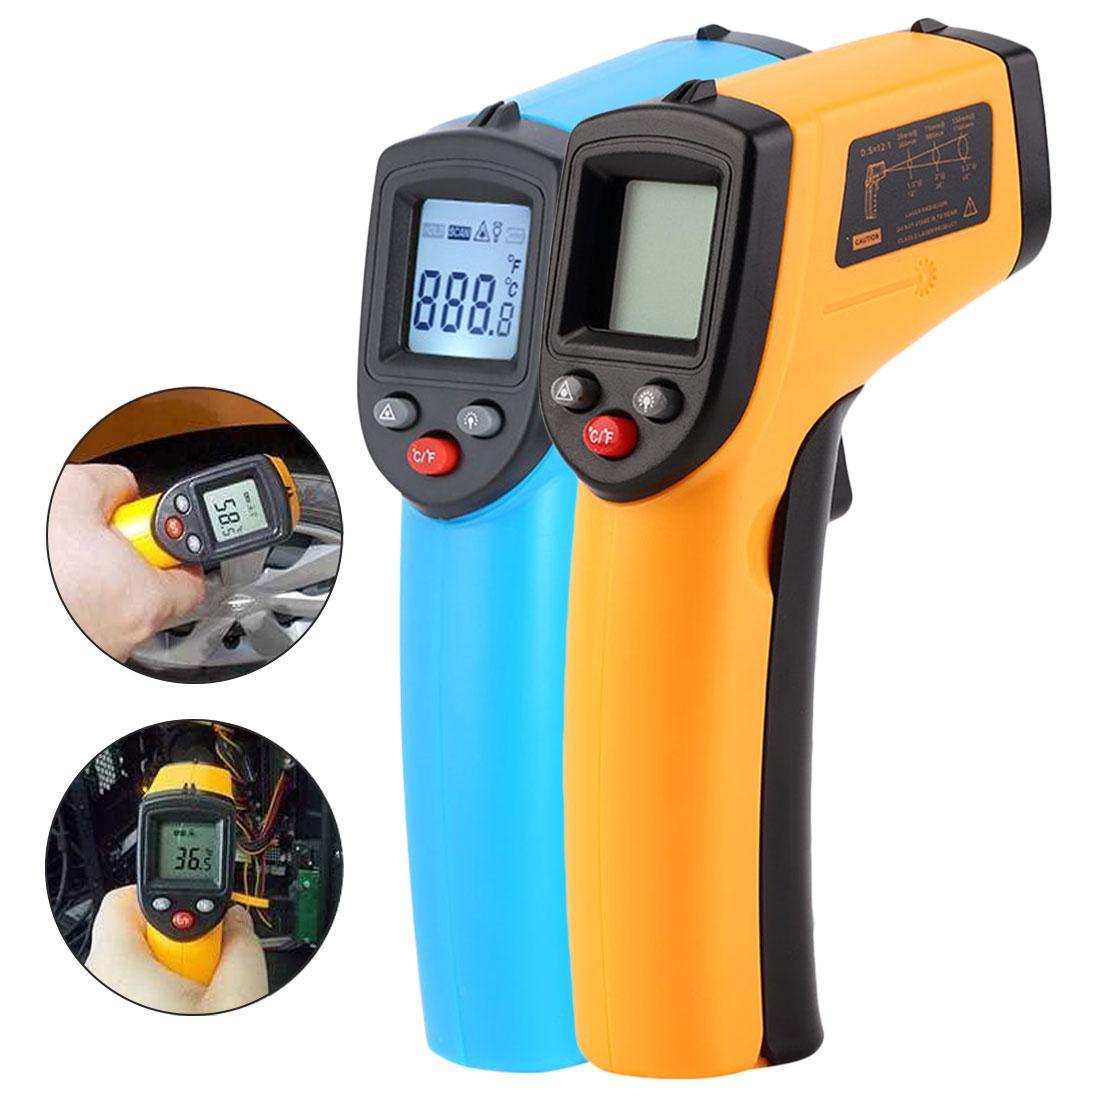 Thermomètre infrarouge numérique GM320 thermomètre infrarouge sans Contact pyromètre IR Laser température mètre pistolet-50 ~ 380C